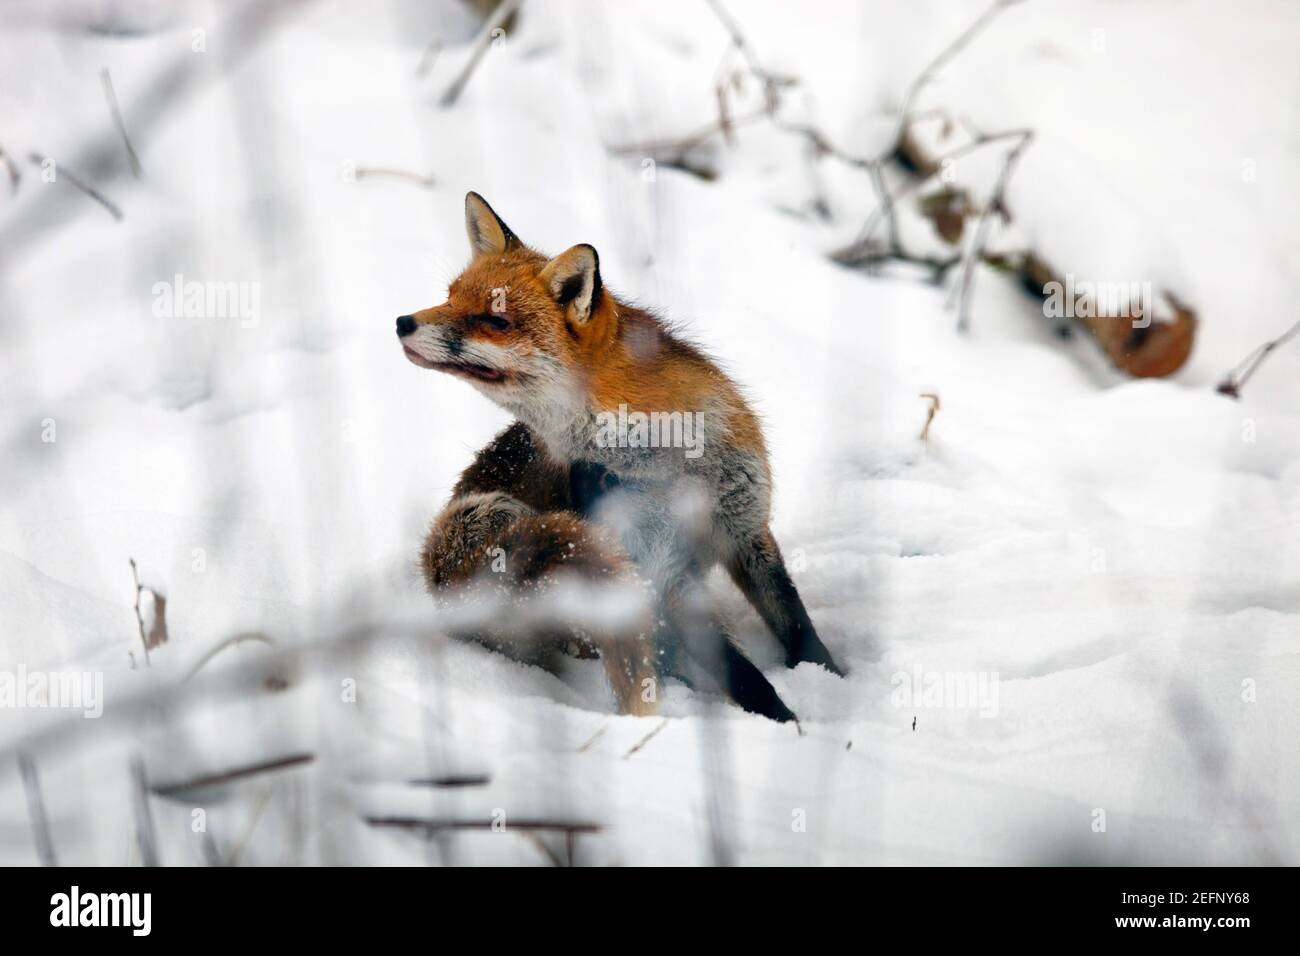 Ein Fuchs (Vulpes vulpes) sitzt in der schneebedeckten Landschaft in Kent, Vereinigtes Königreich, während des Winters. Januar 2021 Stockfoto